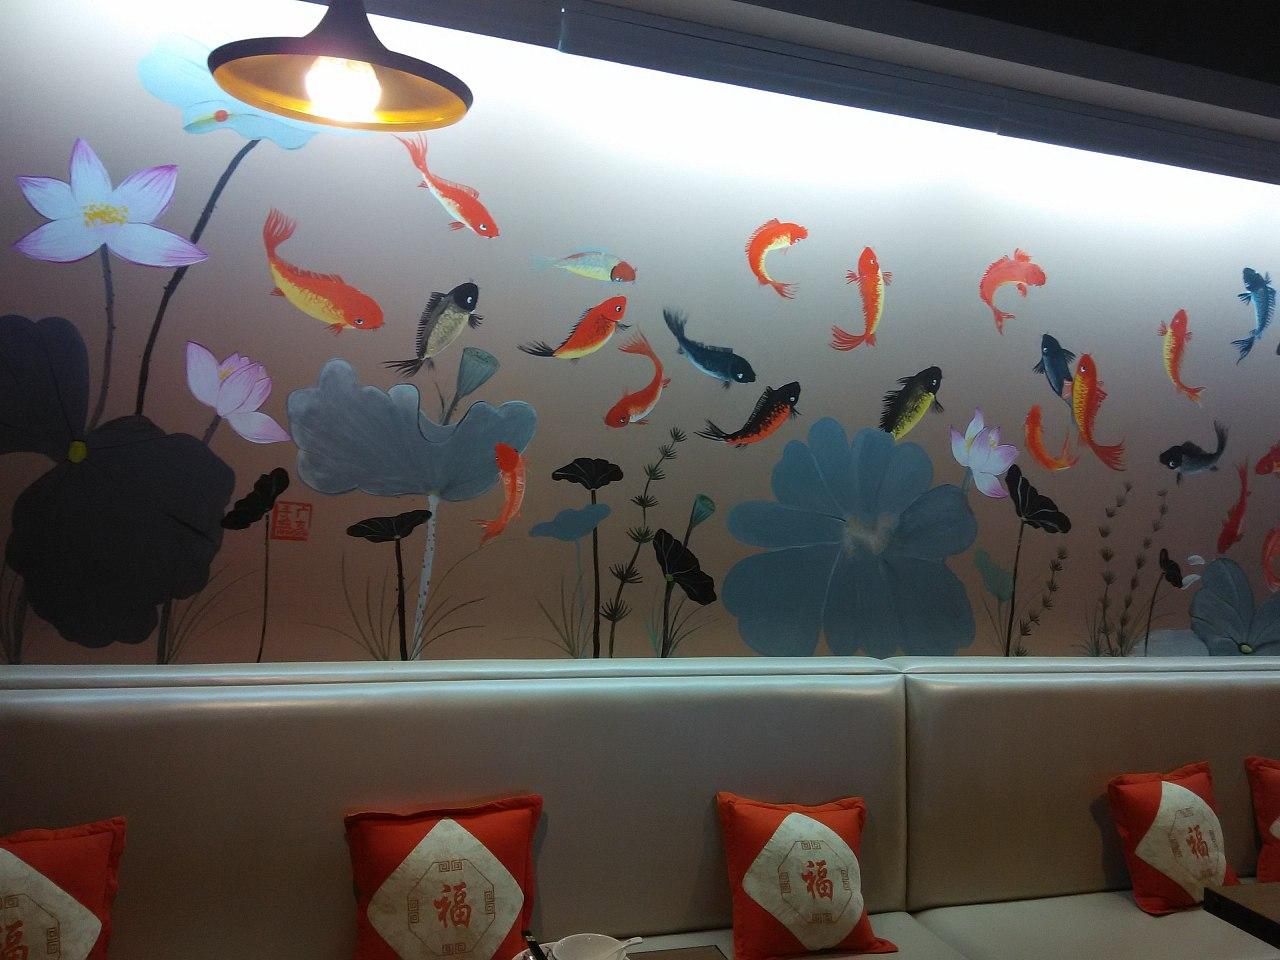 吉安墙绘,吉安手绘壁画,吉安手工绘画,吉安喷绘墙体广告